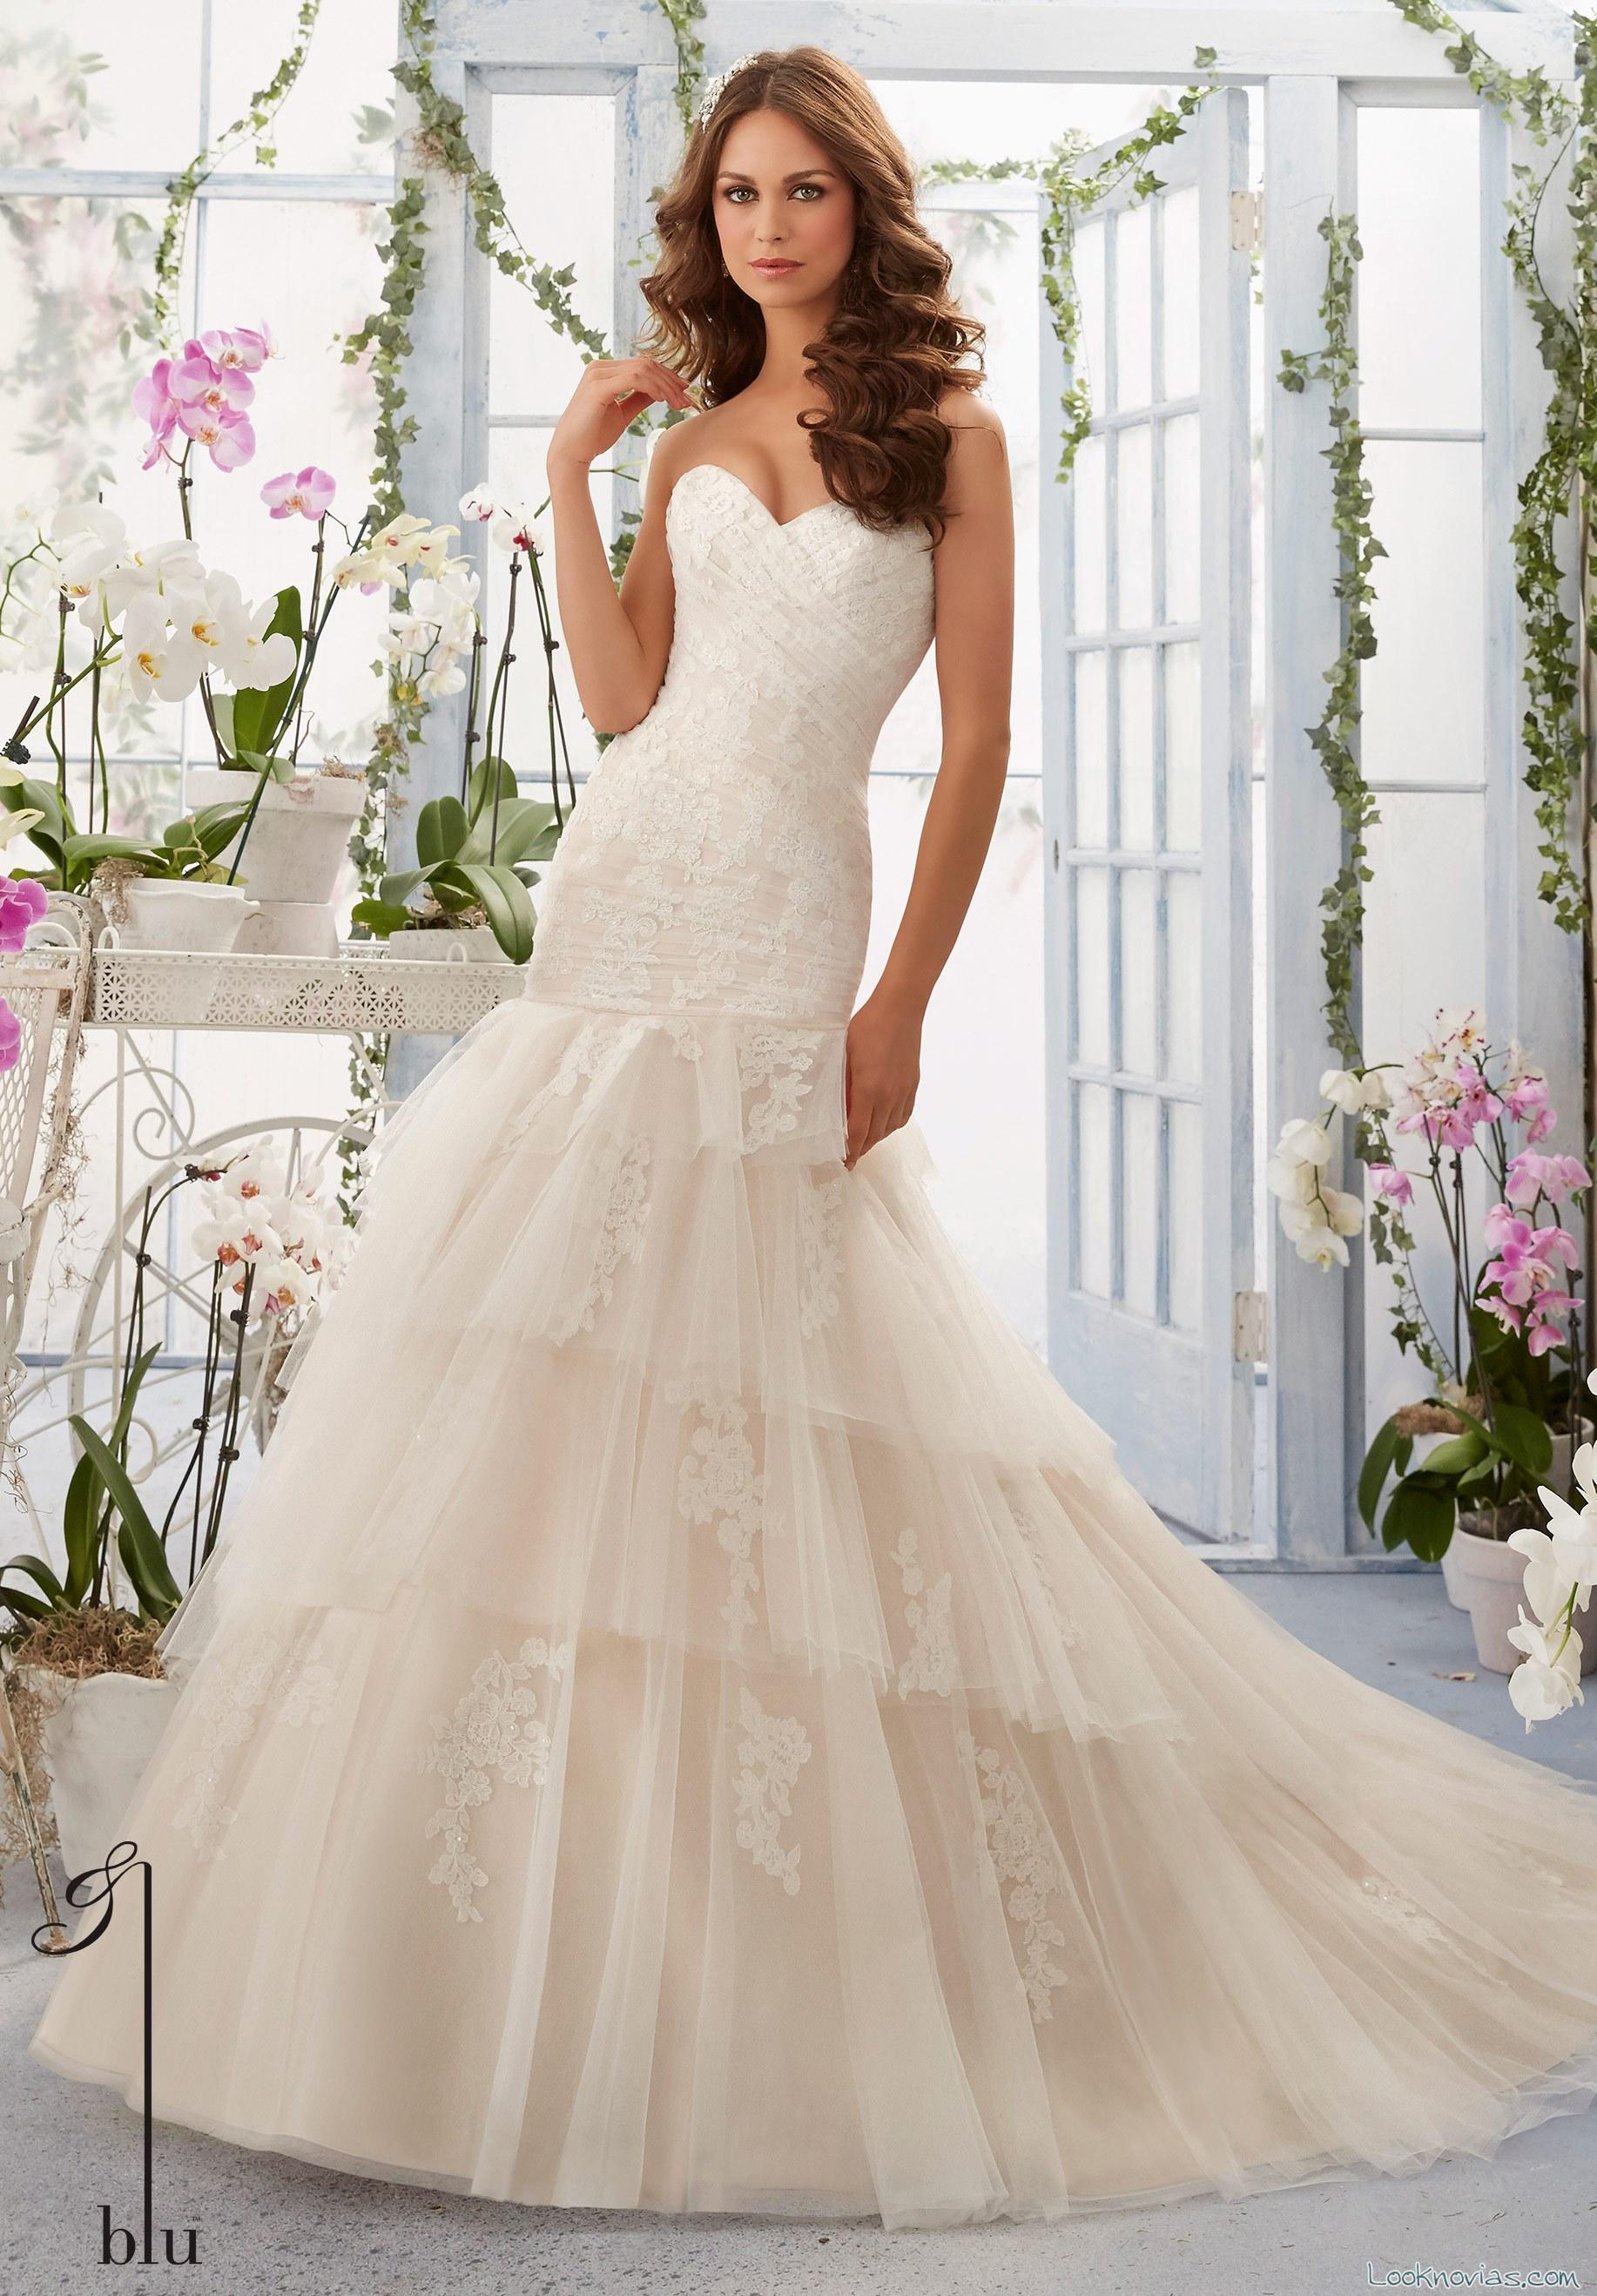 vestido sirena de novia con cuerpo ceñido y falda de volantes